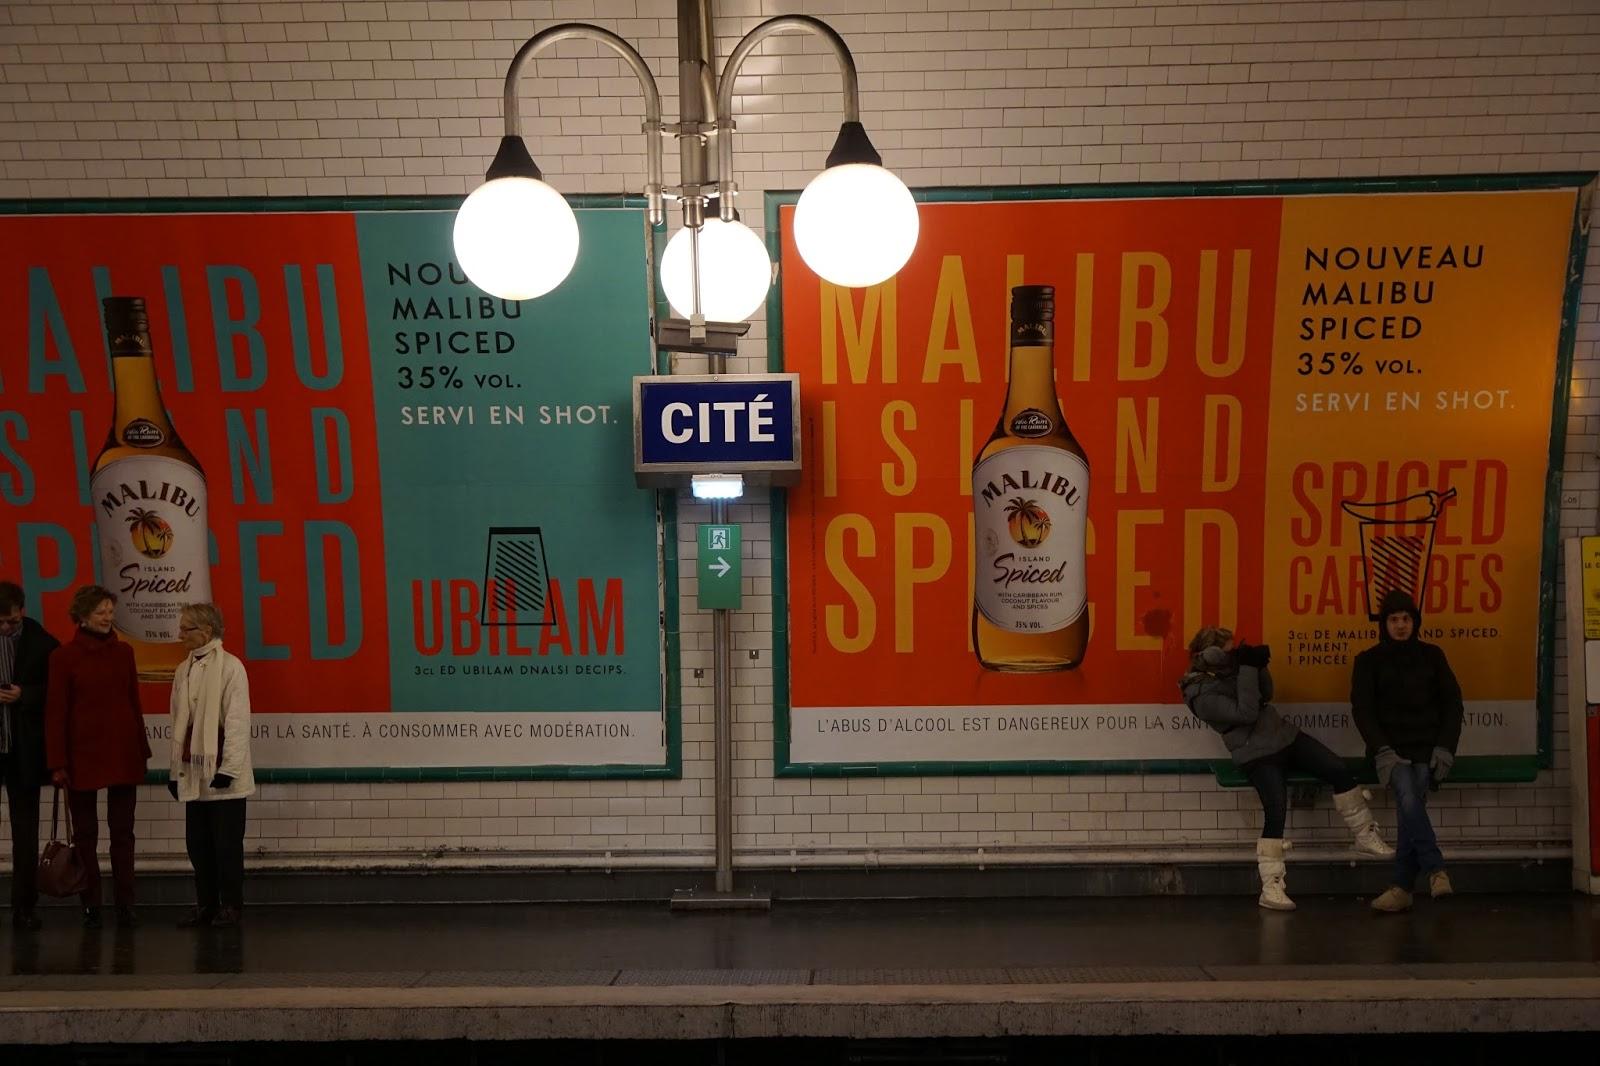 シテ駅のホーム1